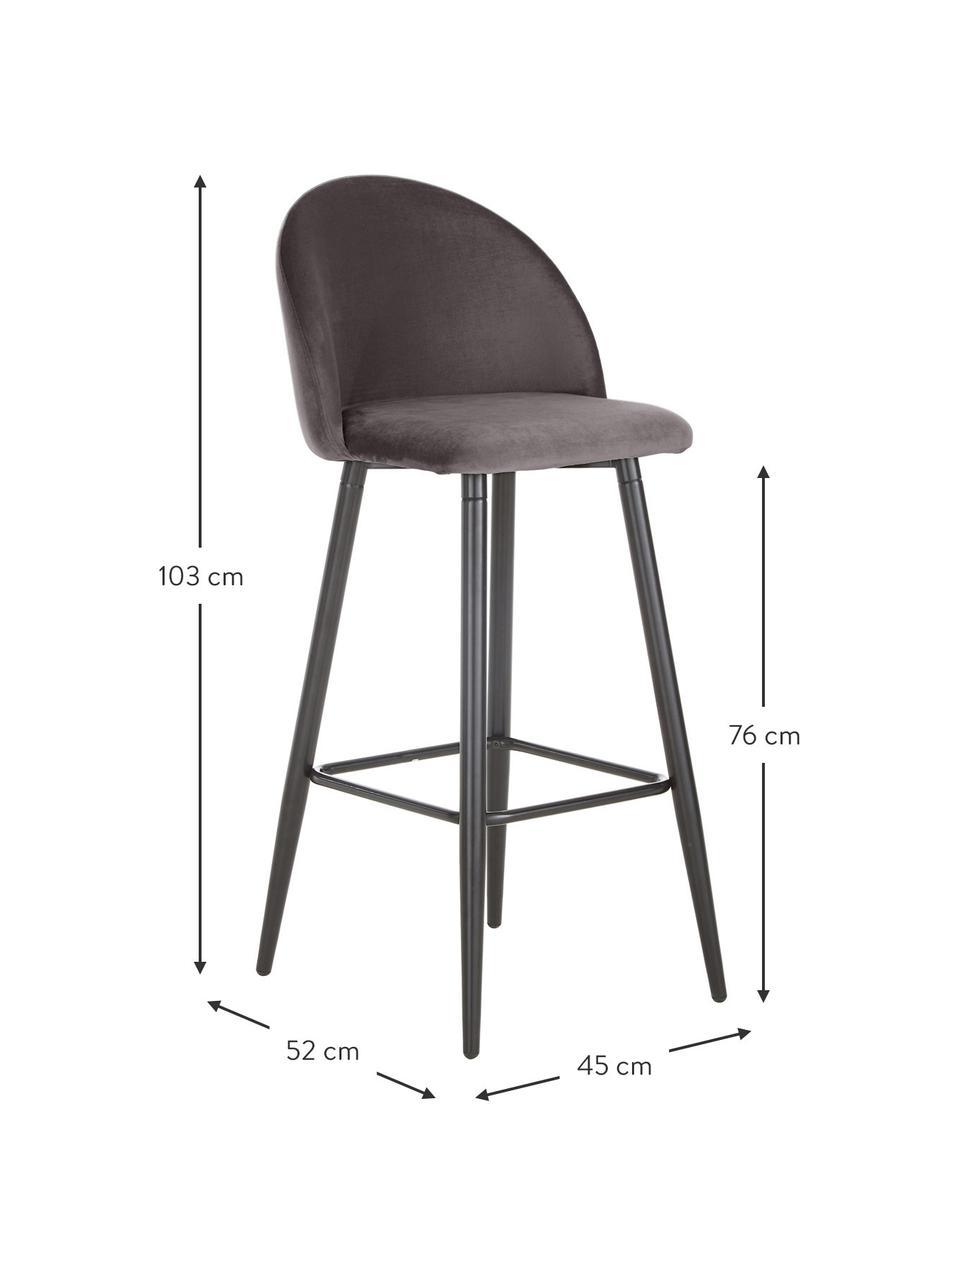 Samt-Barstuhl Amy in Dunkelgrau, Bezug: Samt (Polyester) Der hoch, Beine: Metall, pulverbeschichtet, Samt Grau, 45 x 103 cm